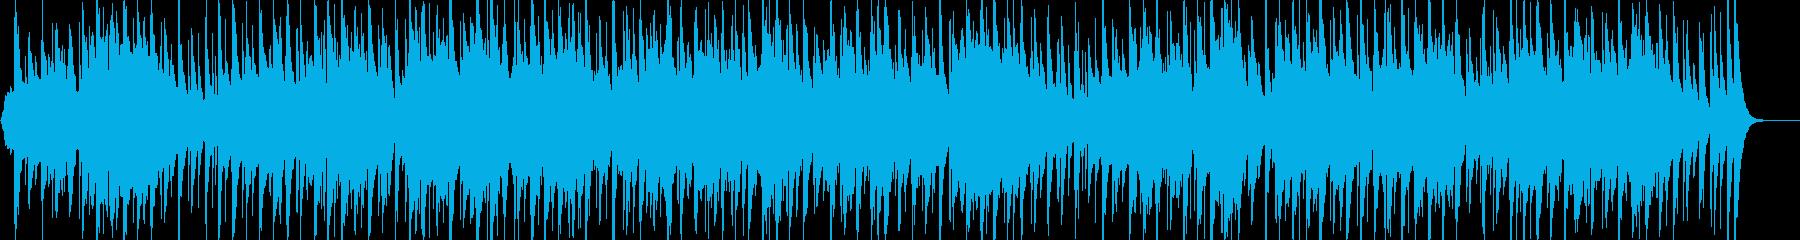 アラビア風の雰囲気のBGM2の再生済みの波形